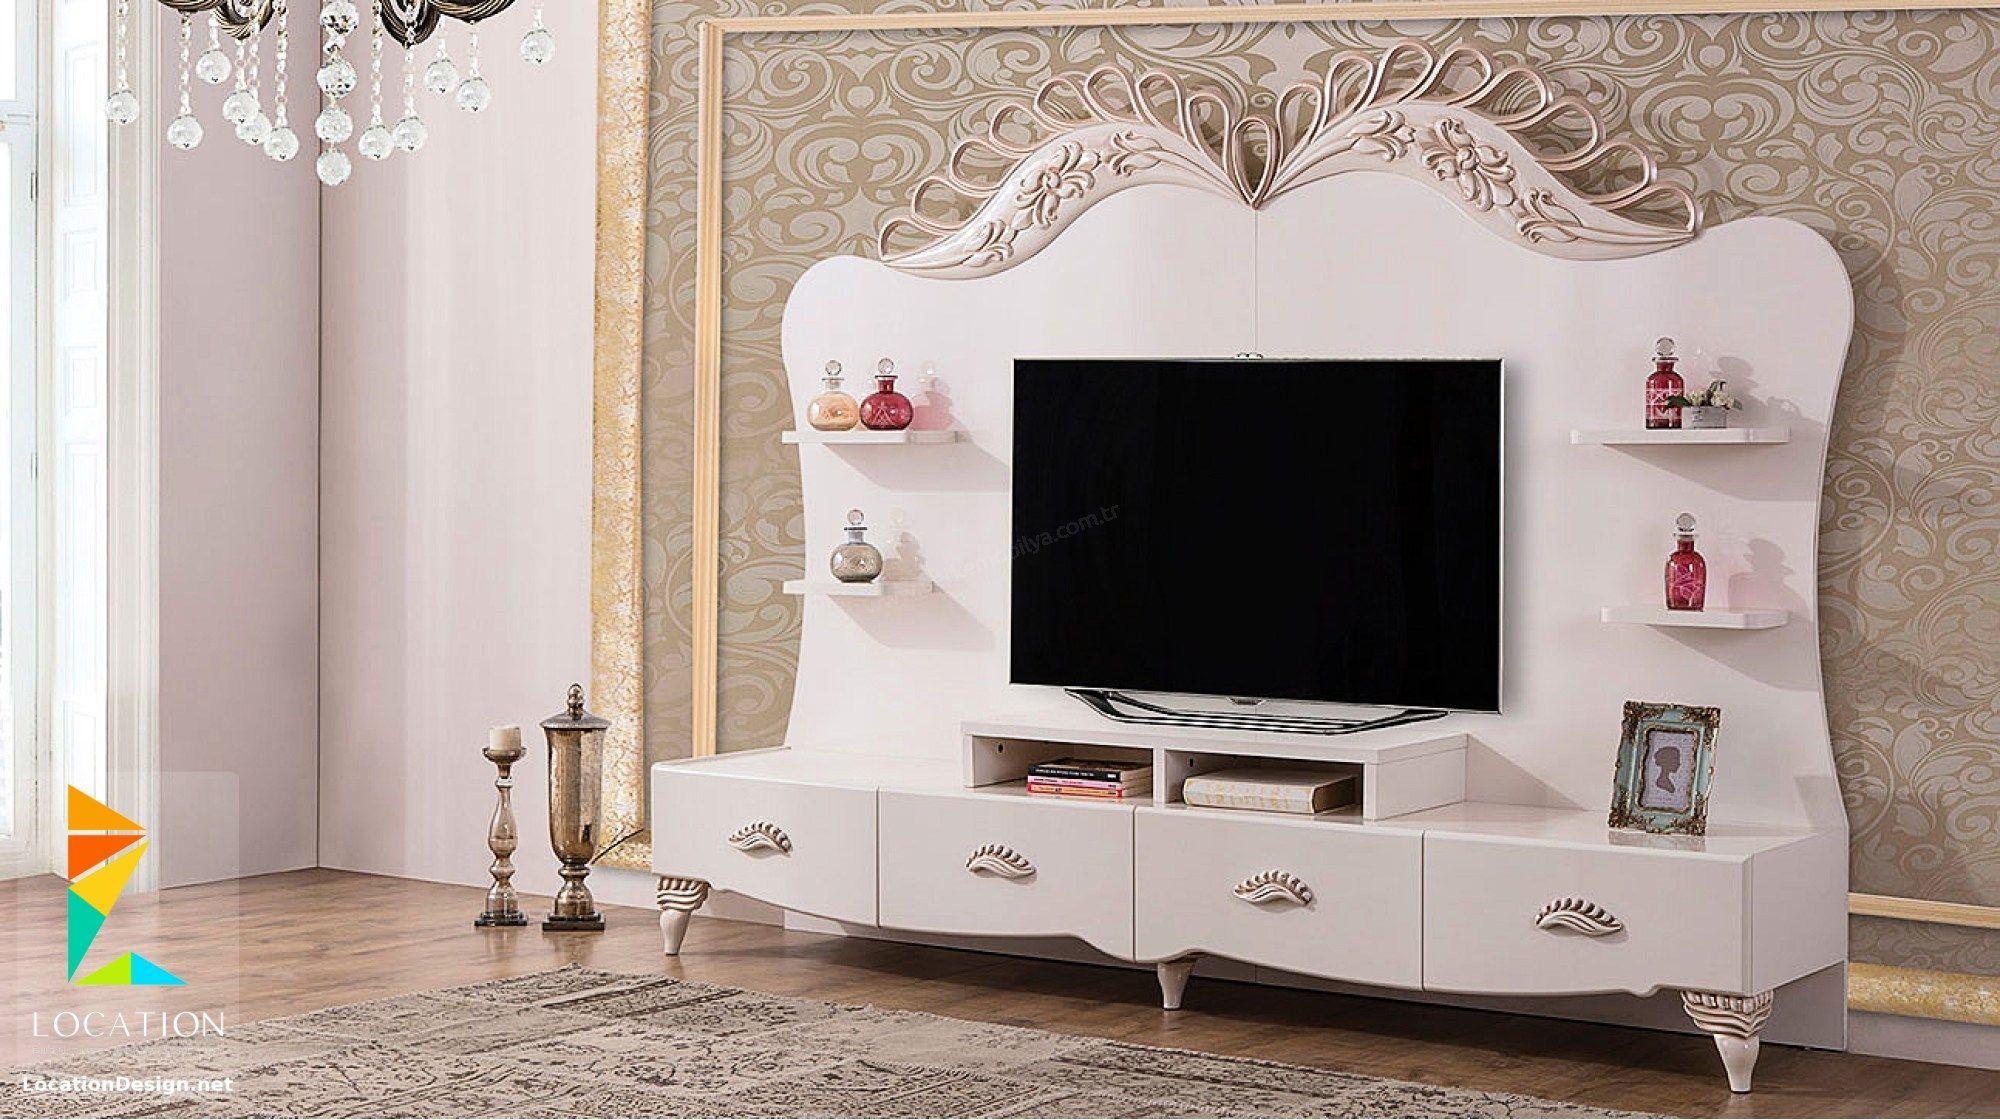 تصميم مكتبات مودرن 2019 افكار لتعليق التلفزيون في الجدار Luxury Furniture Wall Tv Unit Design Tv Unit Design